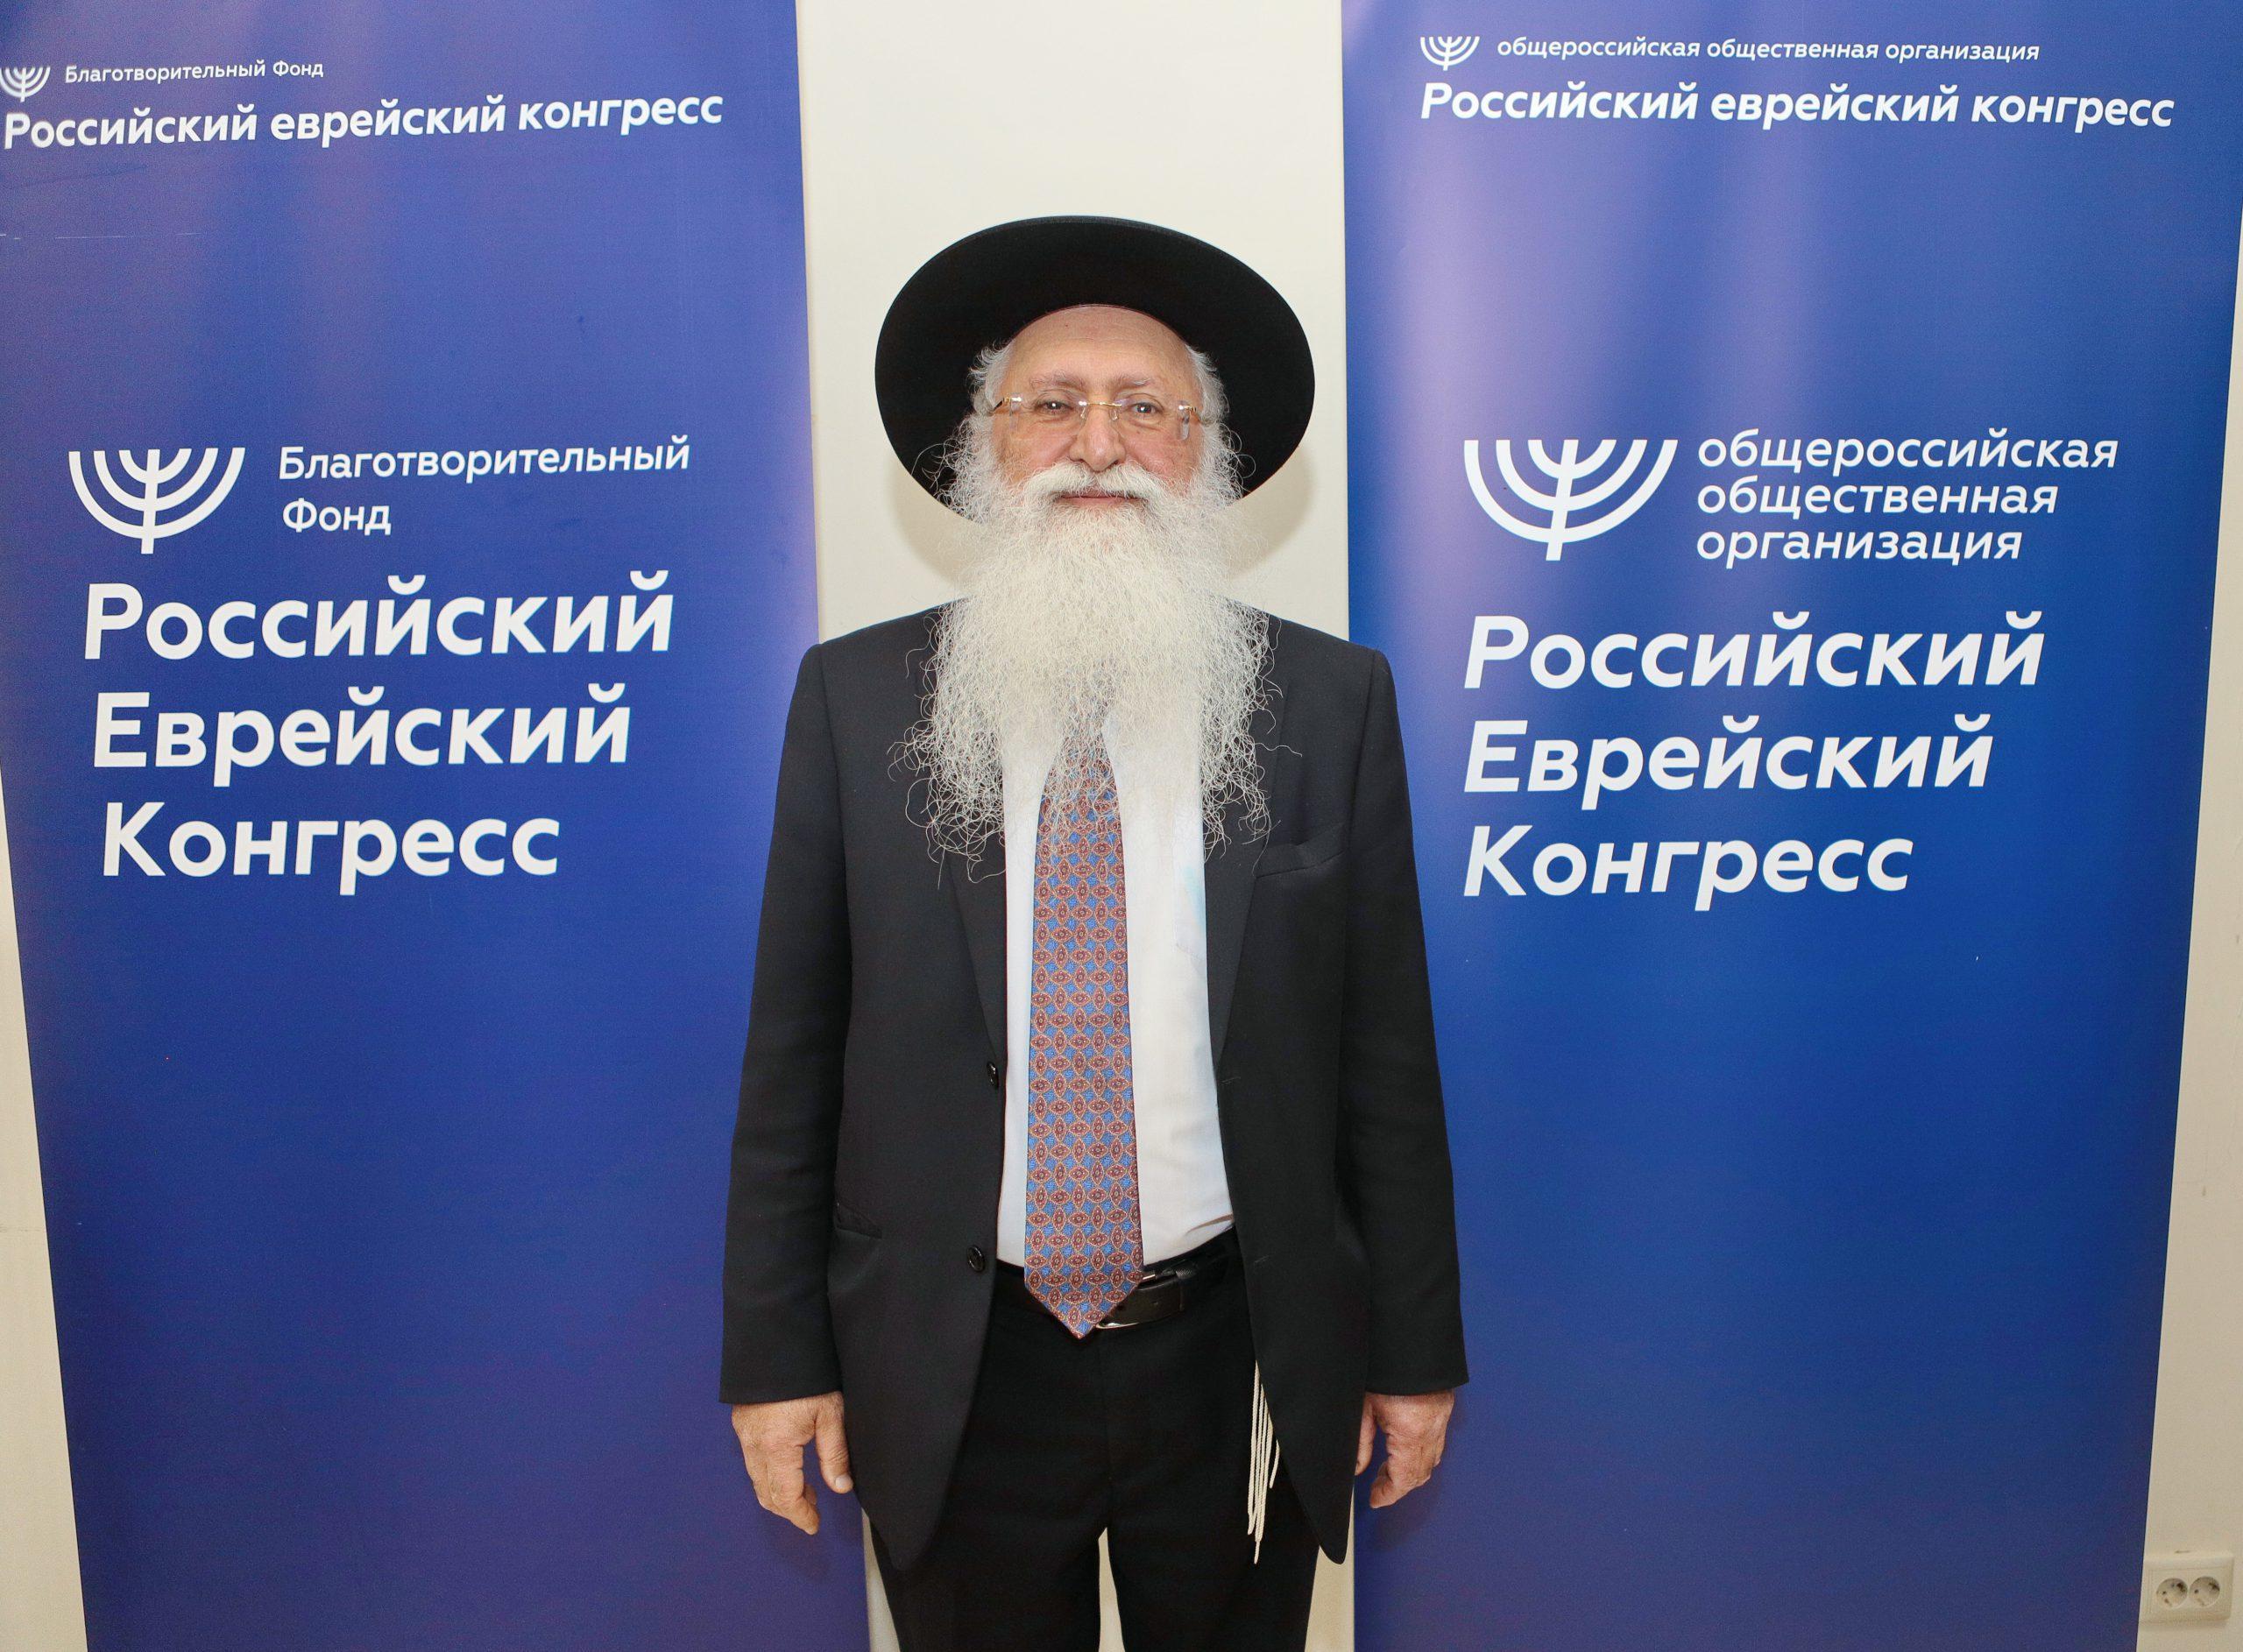 Российский еврейский конгресс поможет сформировать всероссийскую образовательную экосистему